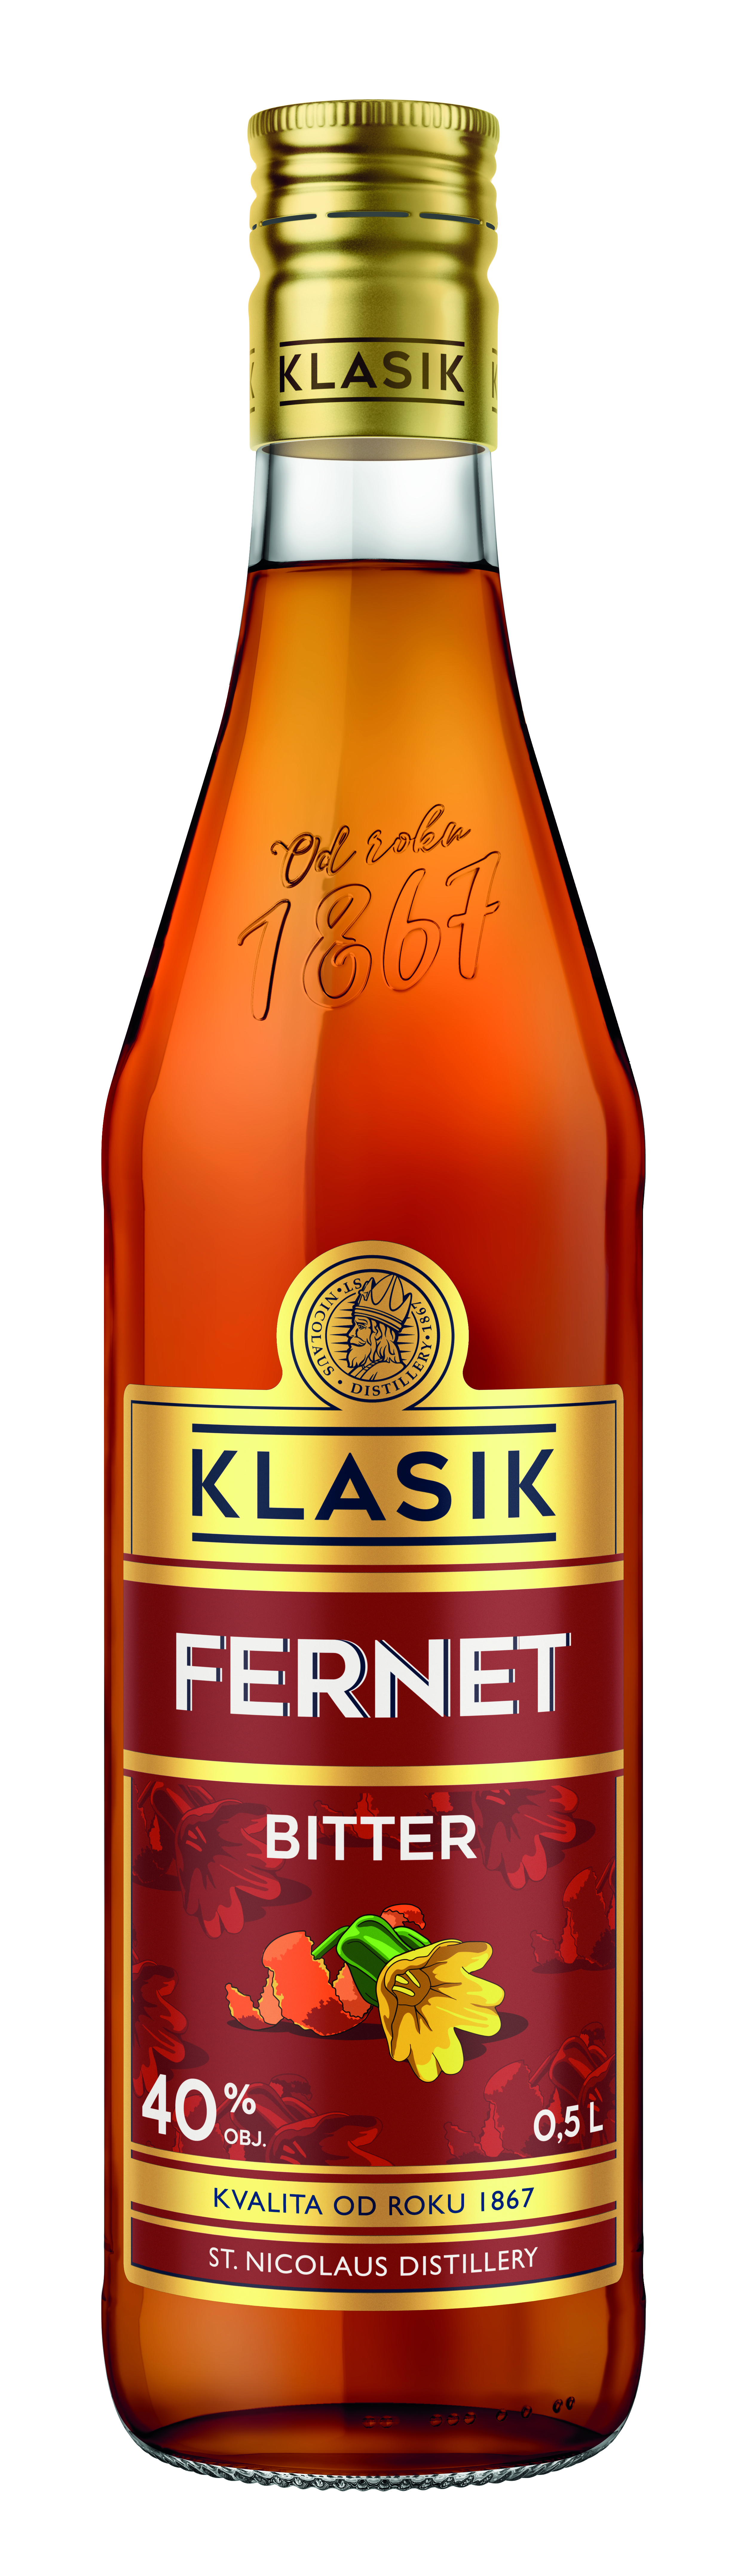 KLASIK Fernet Bitter 40% 0,5l